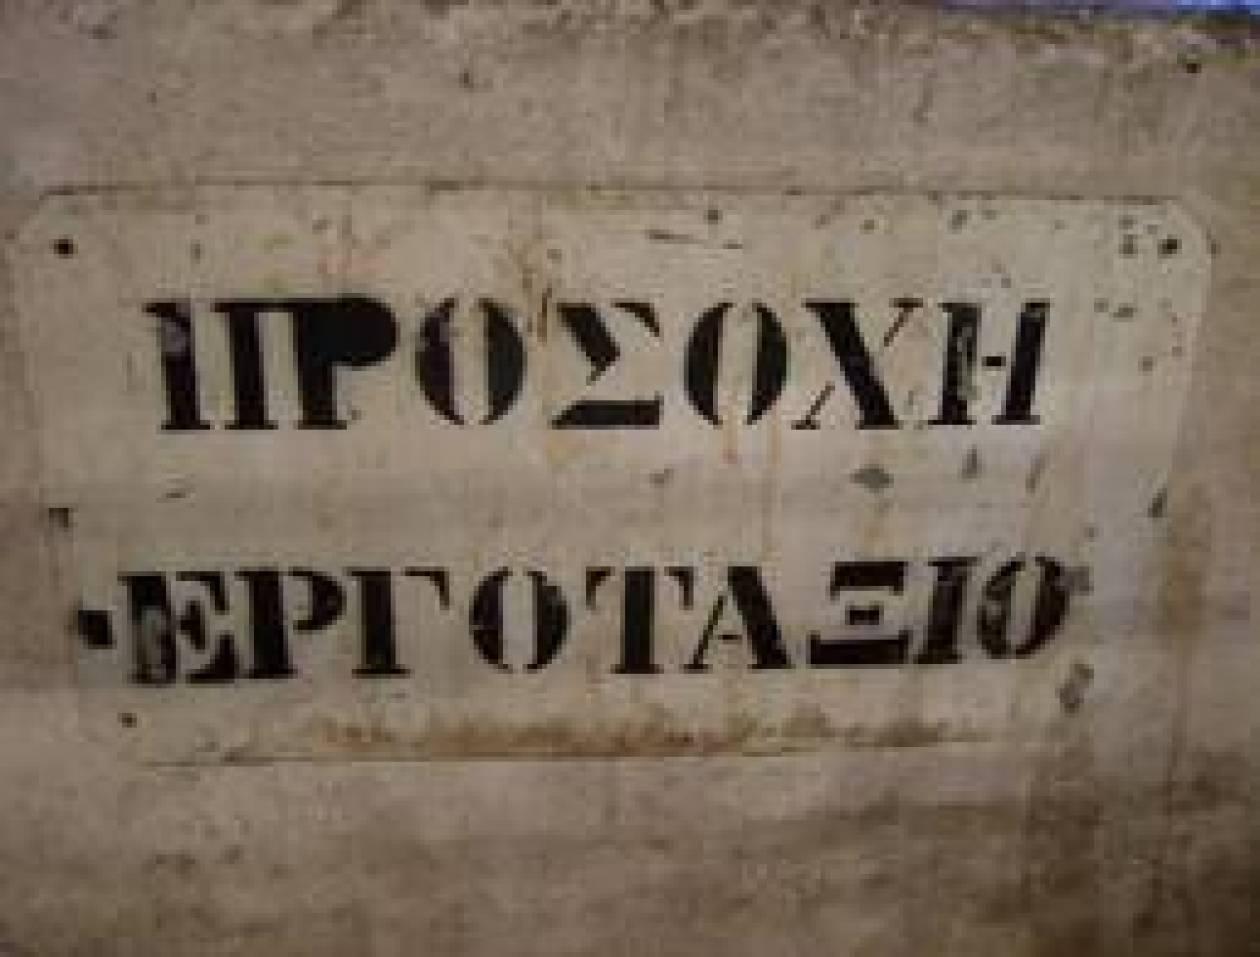 ΕΚΤΑΚΤΟ: Νεκρός ανασύρθηκε ο εγκλωβισμένος εργάτης, στην Κηφισιά